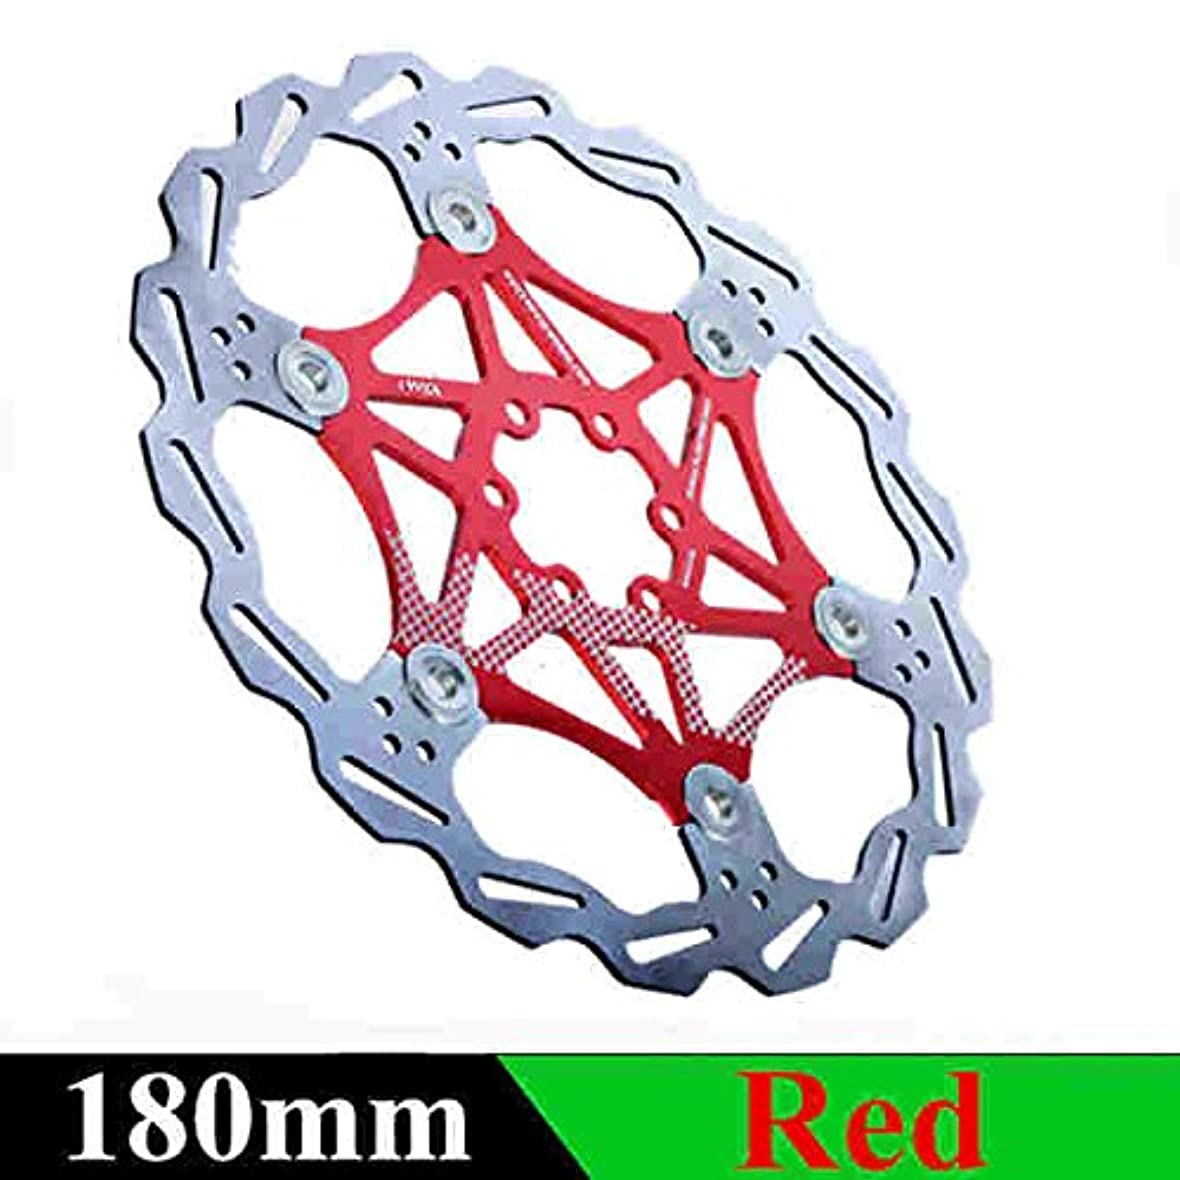 同時虚栄心流すPropenary - 自転車ディスクブレーキDHブレーキフロートは、ディスクローターをフローティング160ミリメートル/ 180ミリメートル/ 203ミリメートルHydreaulicブレーキパッドフロートローター自転車パーツ[180ミリメートルレッド]